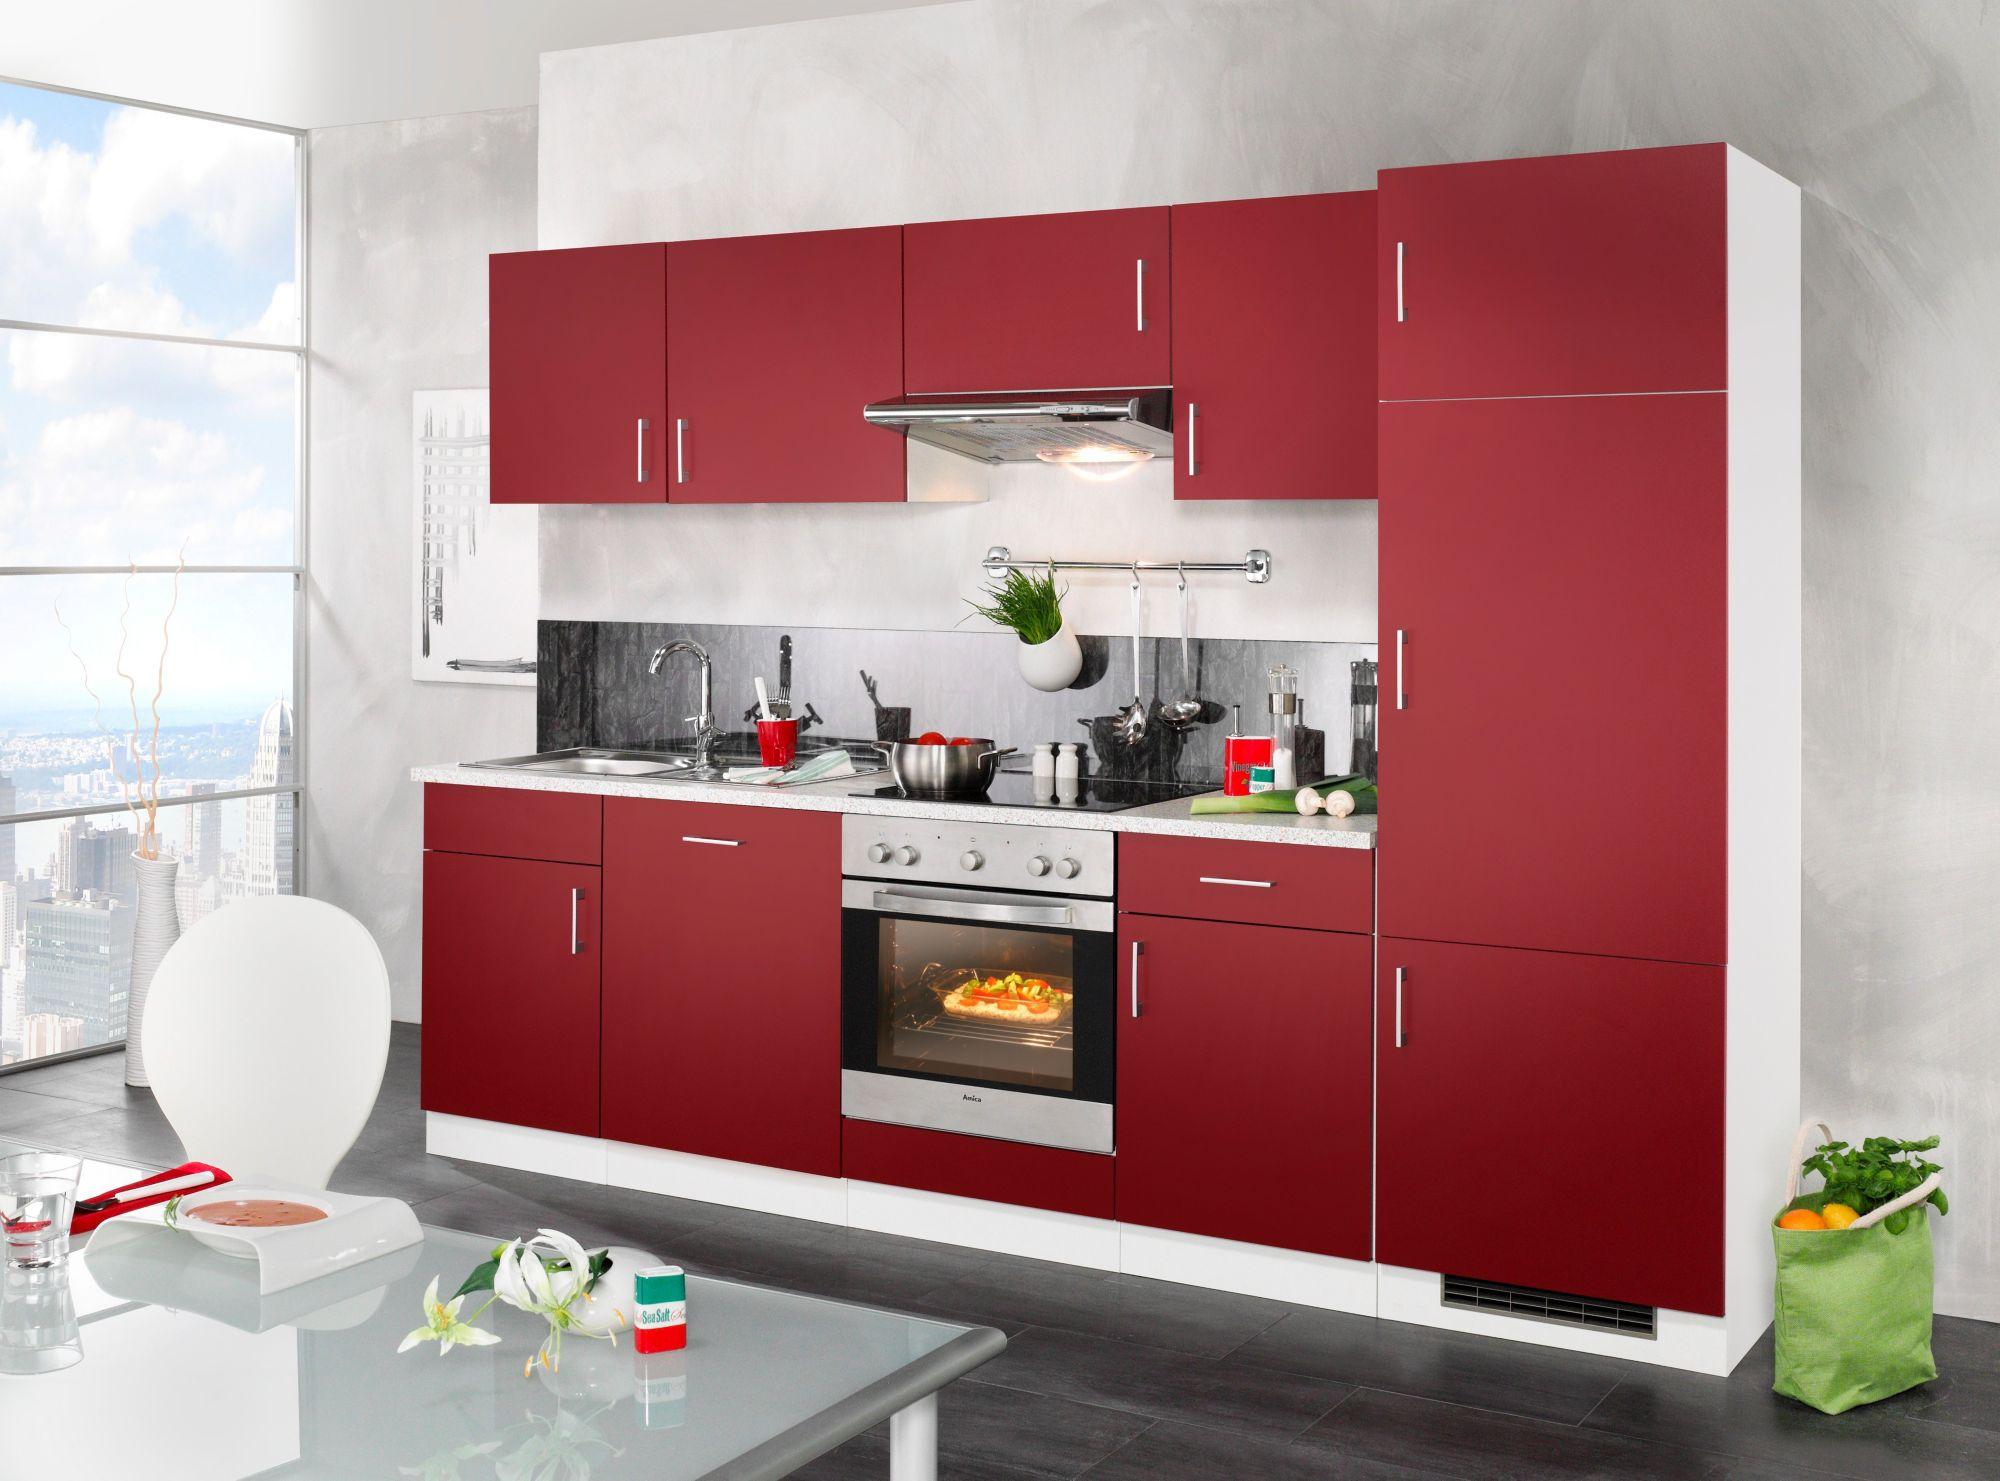 wiho k chen k chenzeile valencia mit elektroger ten set 2 280 cm schwab versand k chen. Black Bedroom Furniture Sets. Home Design Ideas